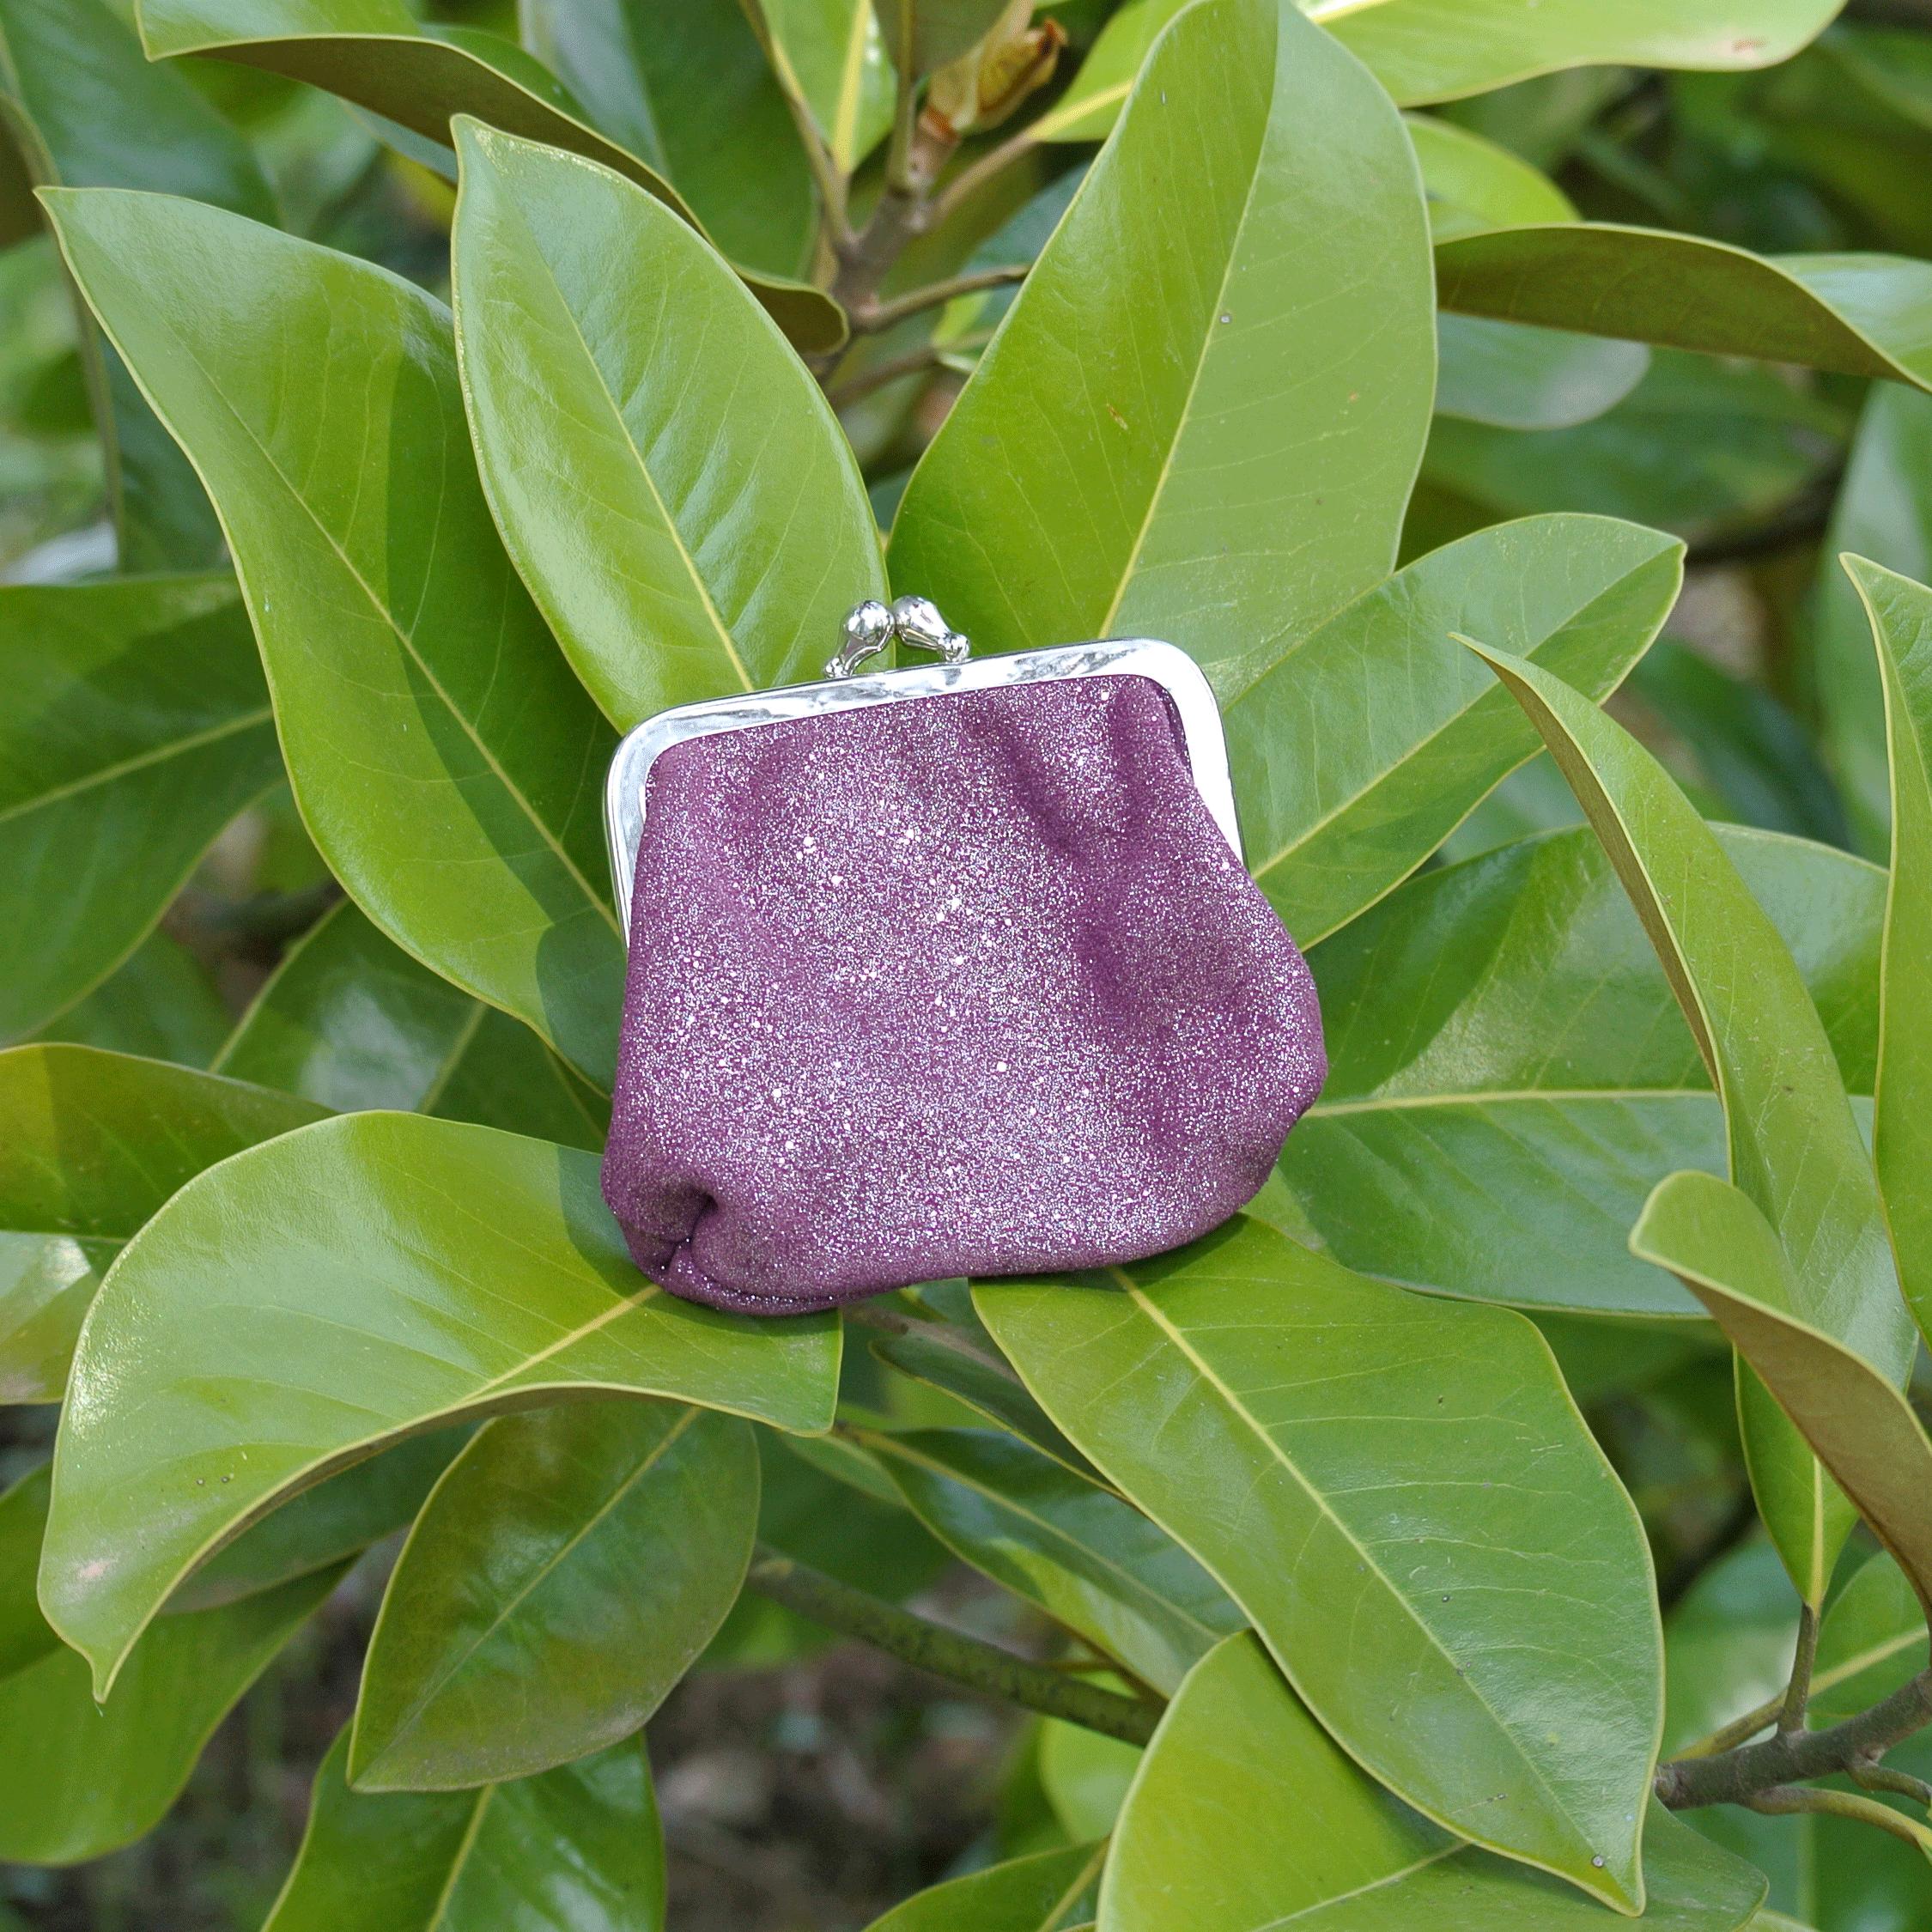 la-cartabliere-fabrique-en-france-made-in-france-porte-monnaie-reine-en-cuir-paillete-violet-eveque